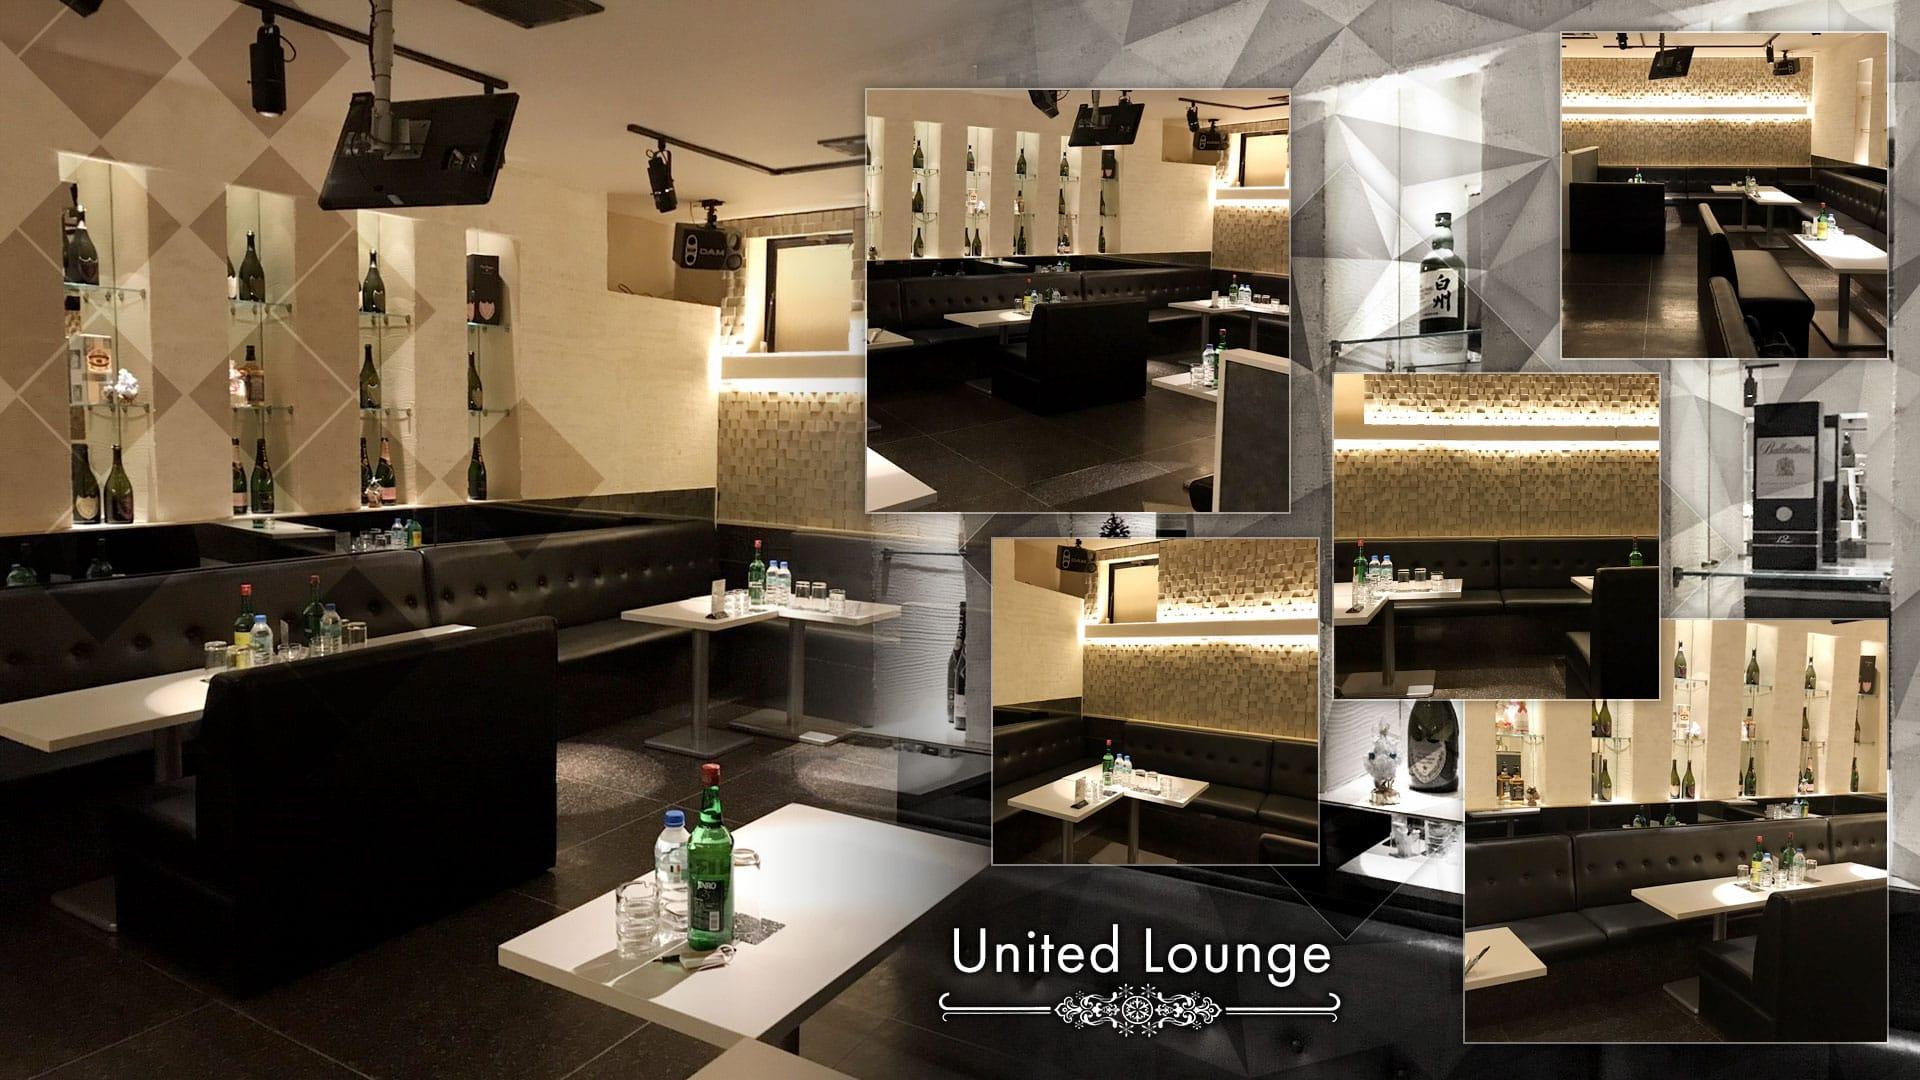 United Lounge(ユナイテッド ラウンジ) 坂戸キャバクラ TOP画像